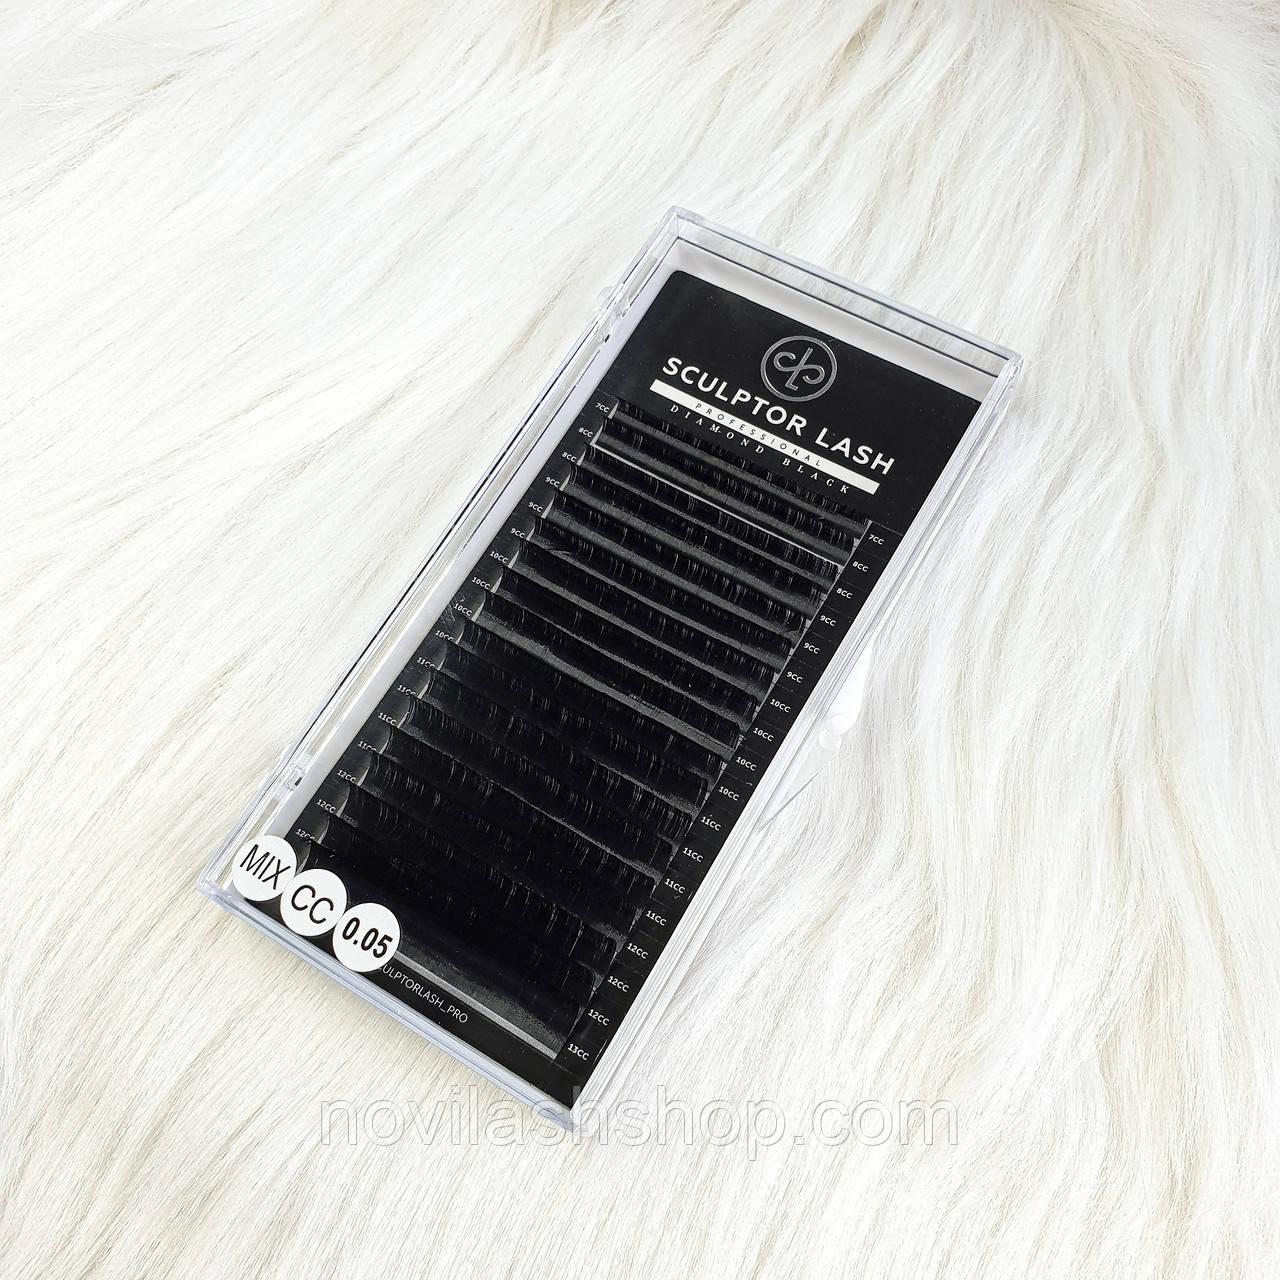 Ресницы mix CC 0.05 (7-13) Sculptor Lash Diamond Black